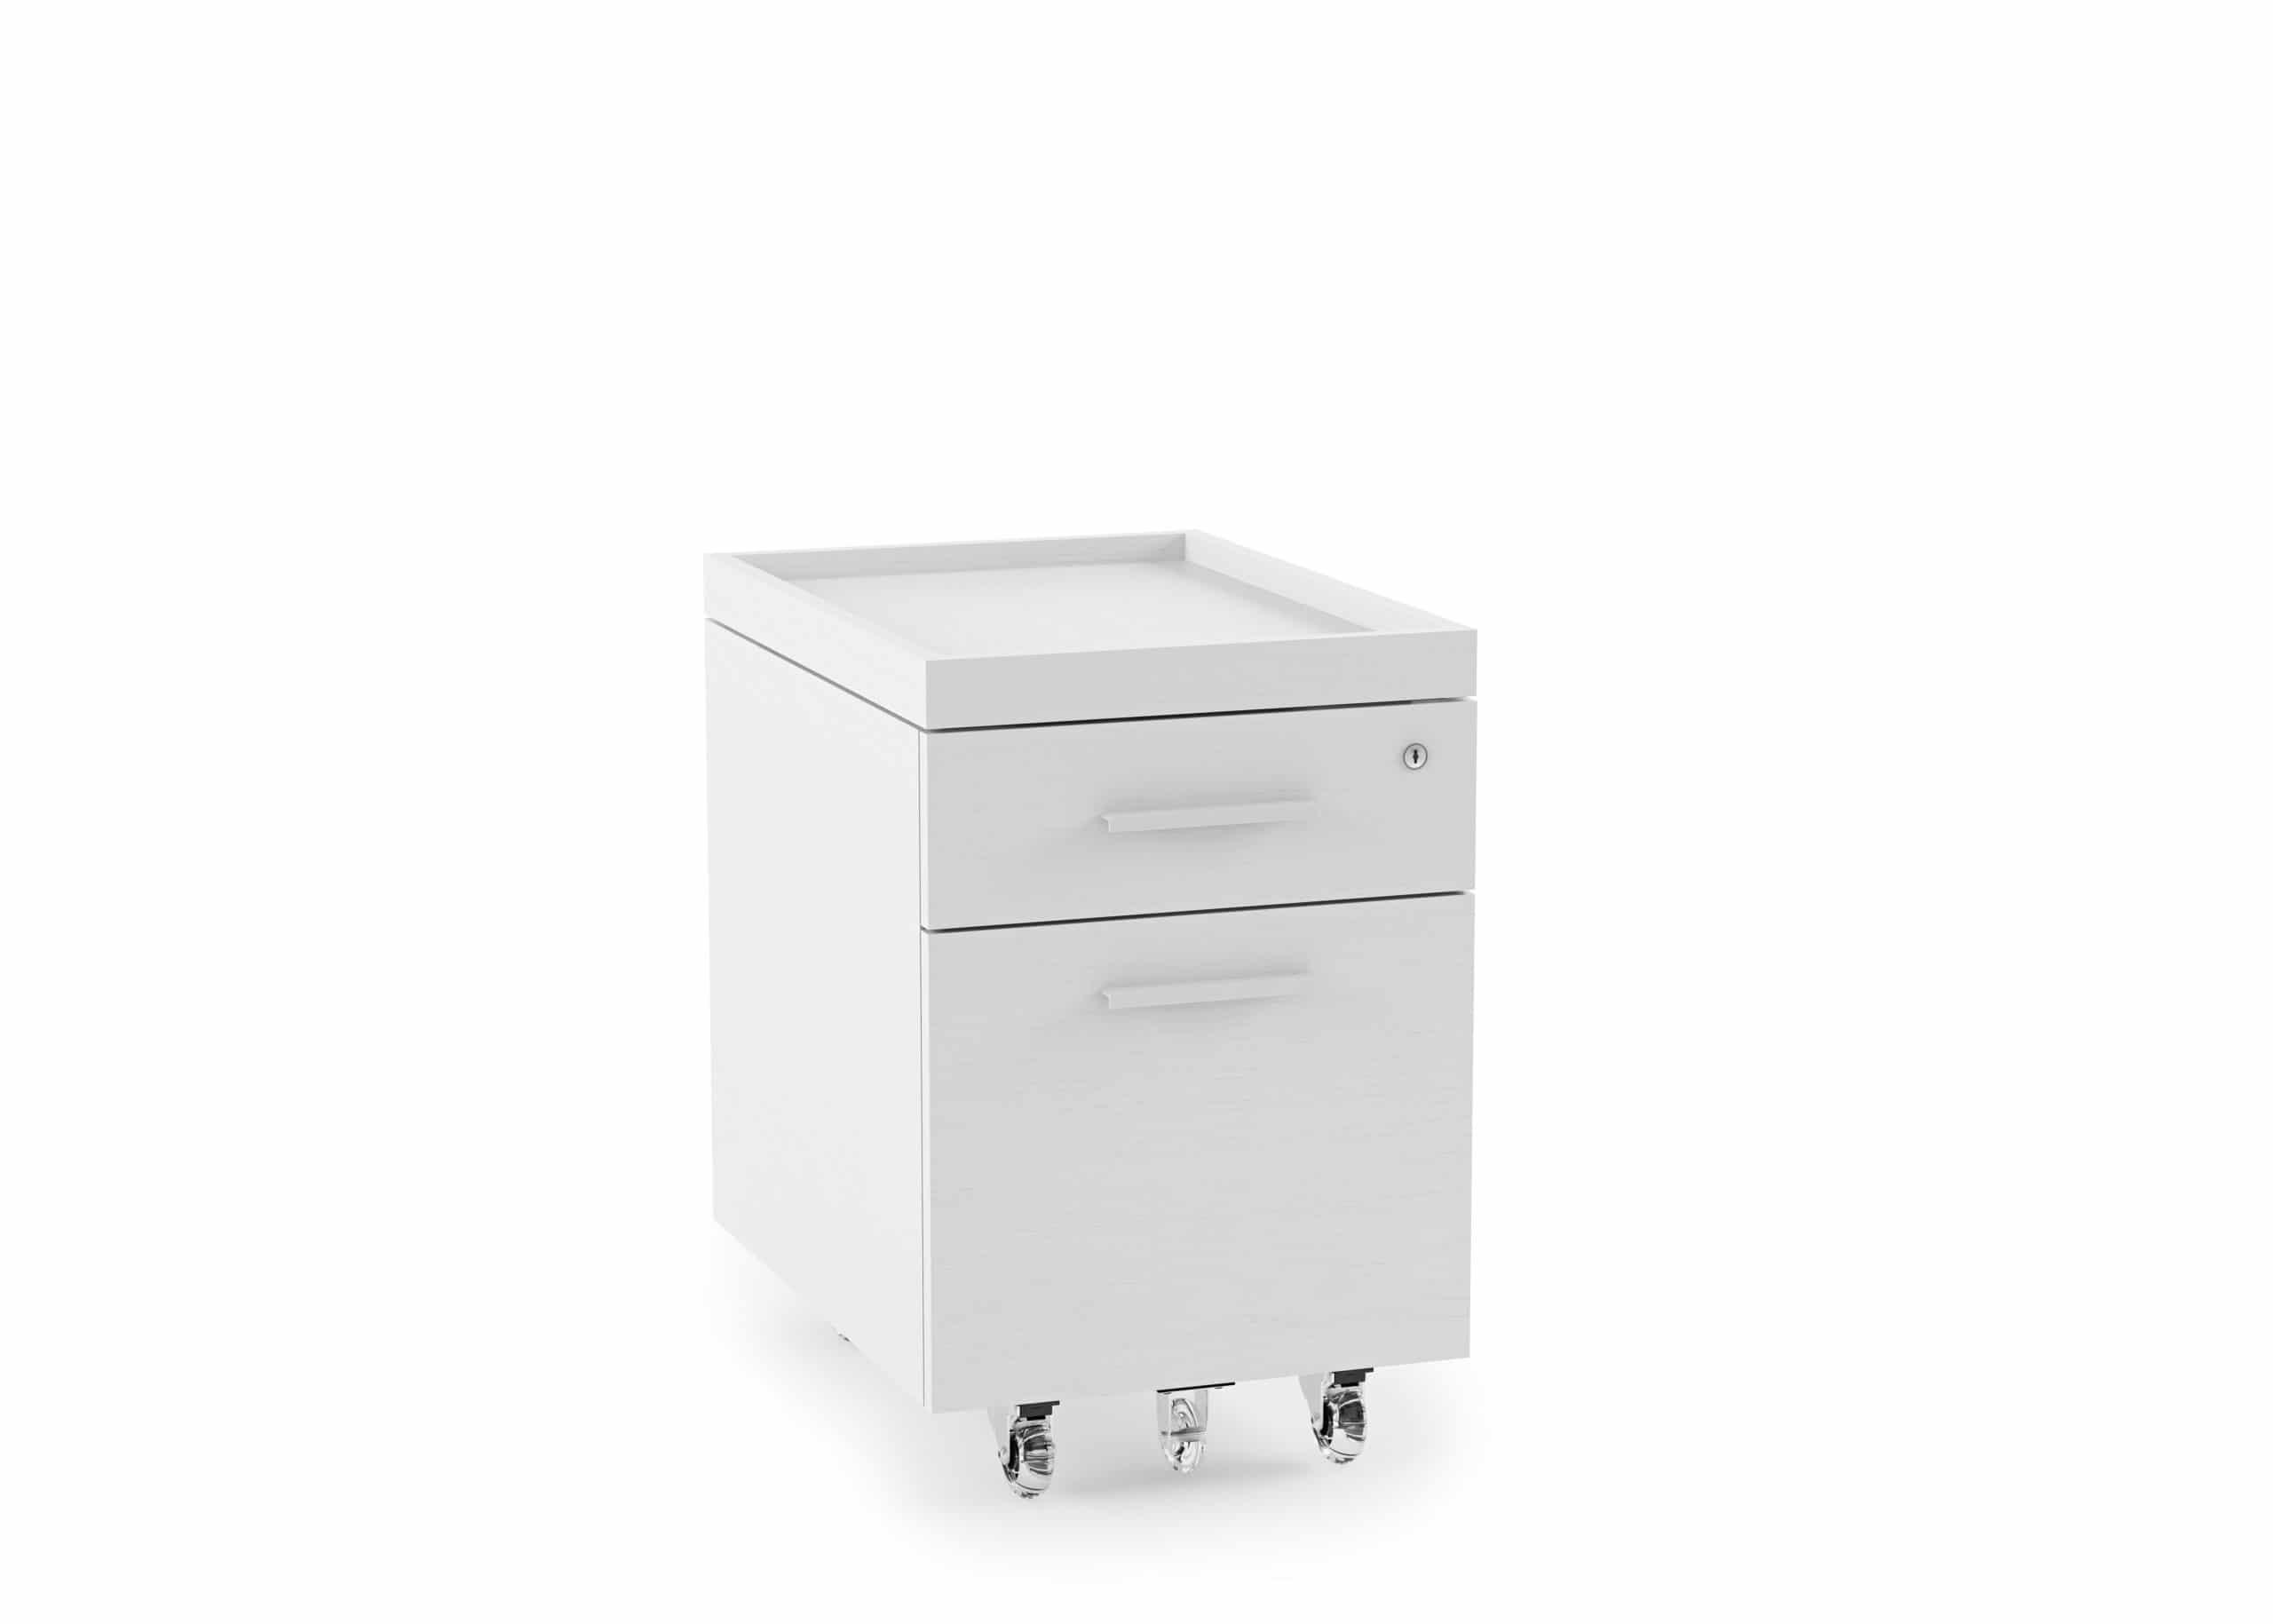 Centro 6407 Mobile Storage & File Pedestal | BDI Furniture